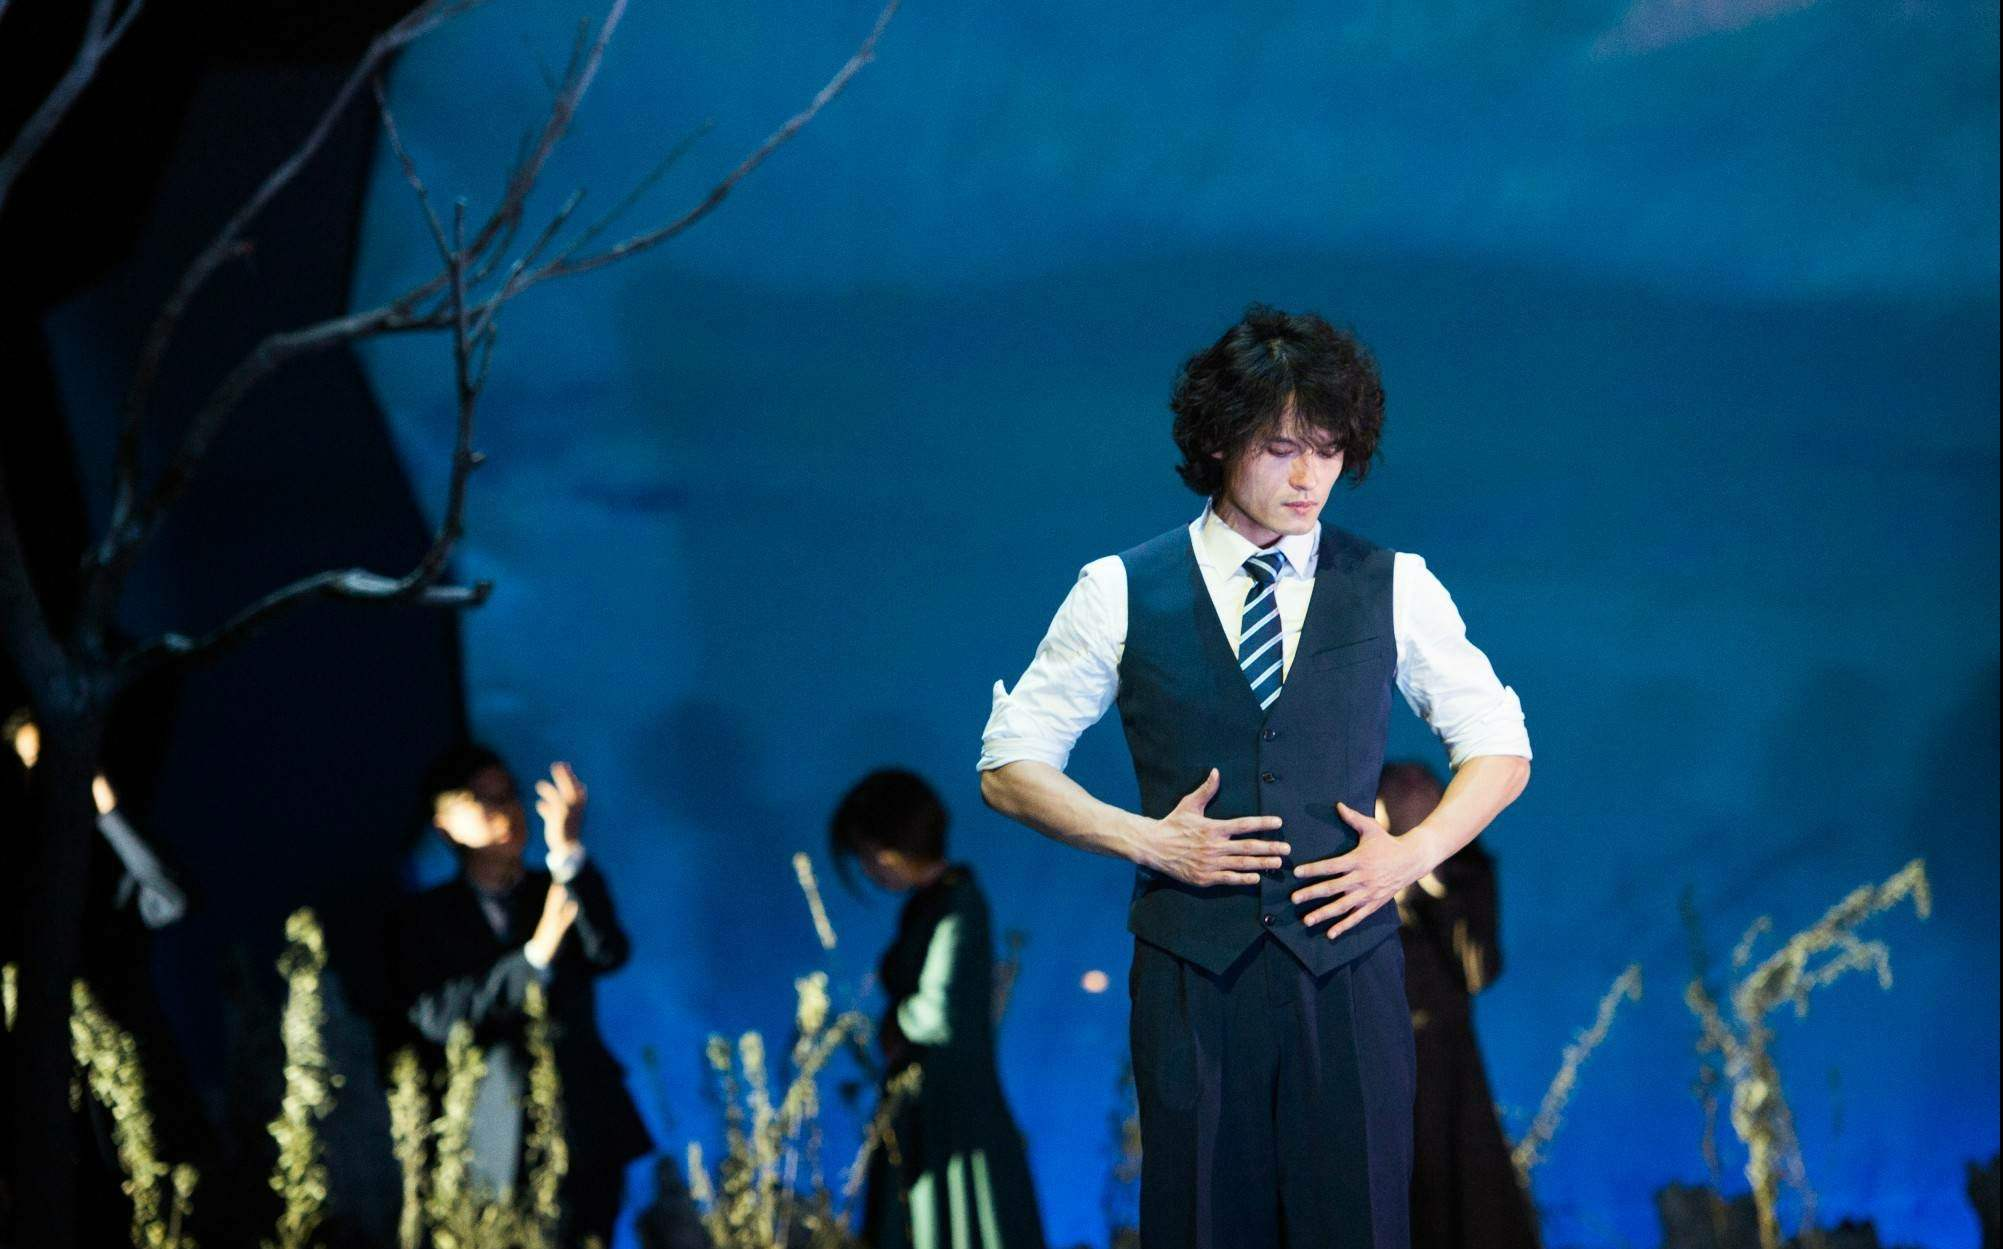 2020音乐剧《春之觉醒》上海站演出时间地点、门票价格、剧情介绍